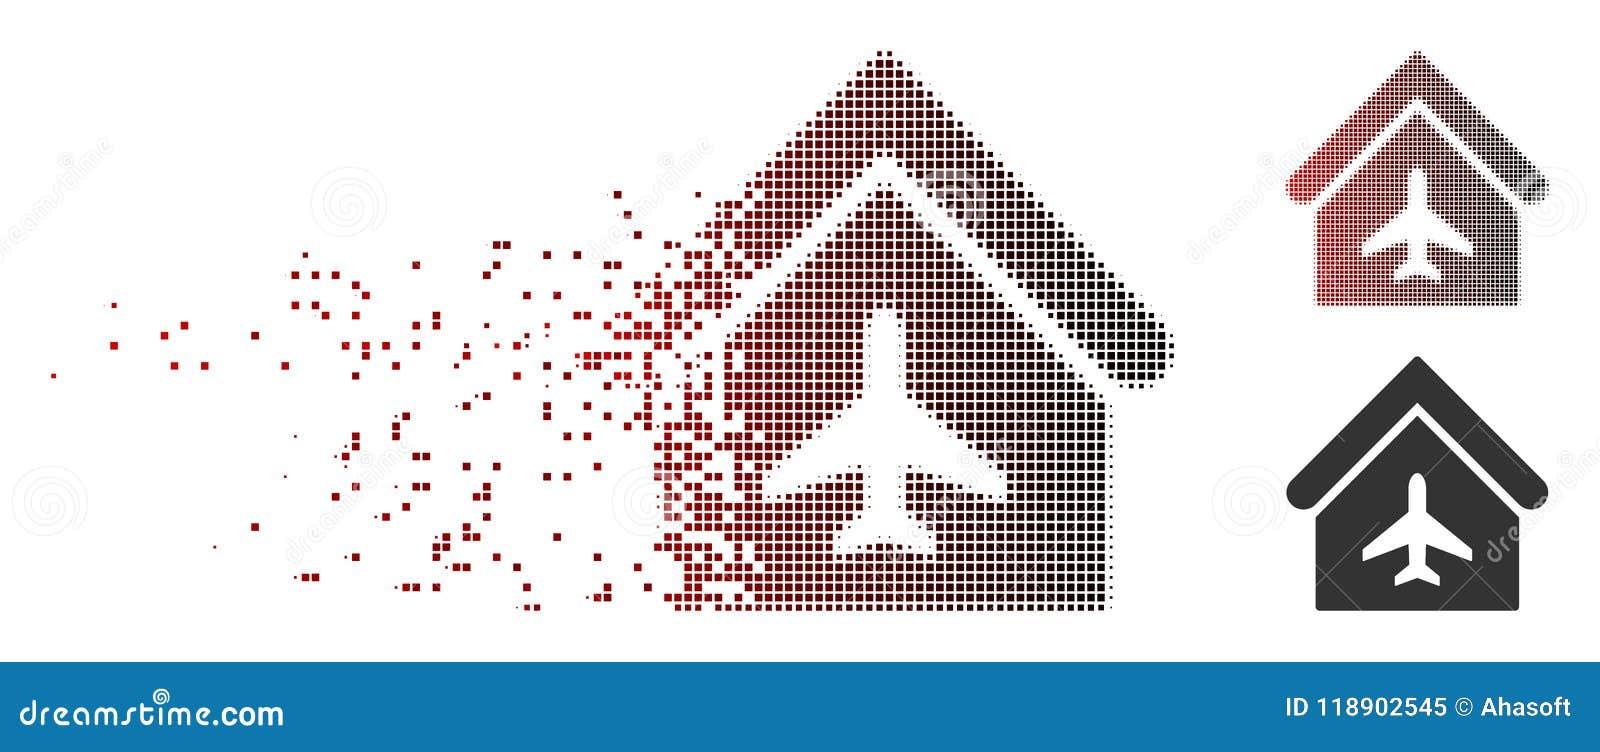 Broken Pixel Halftone Aircraft Hangar Icon